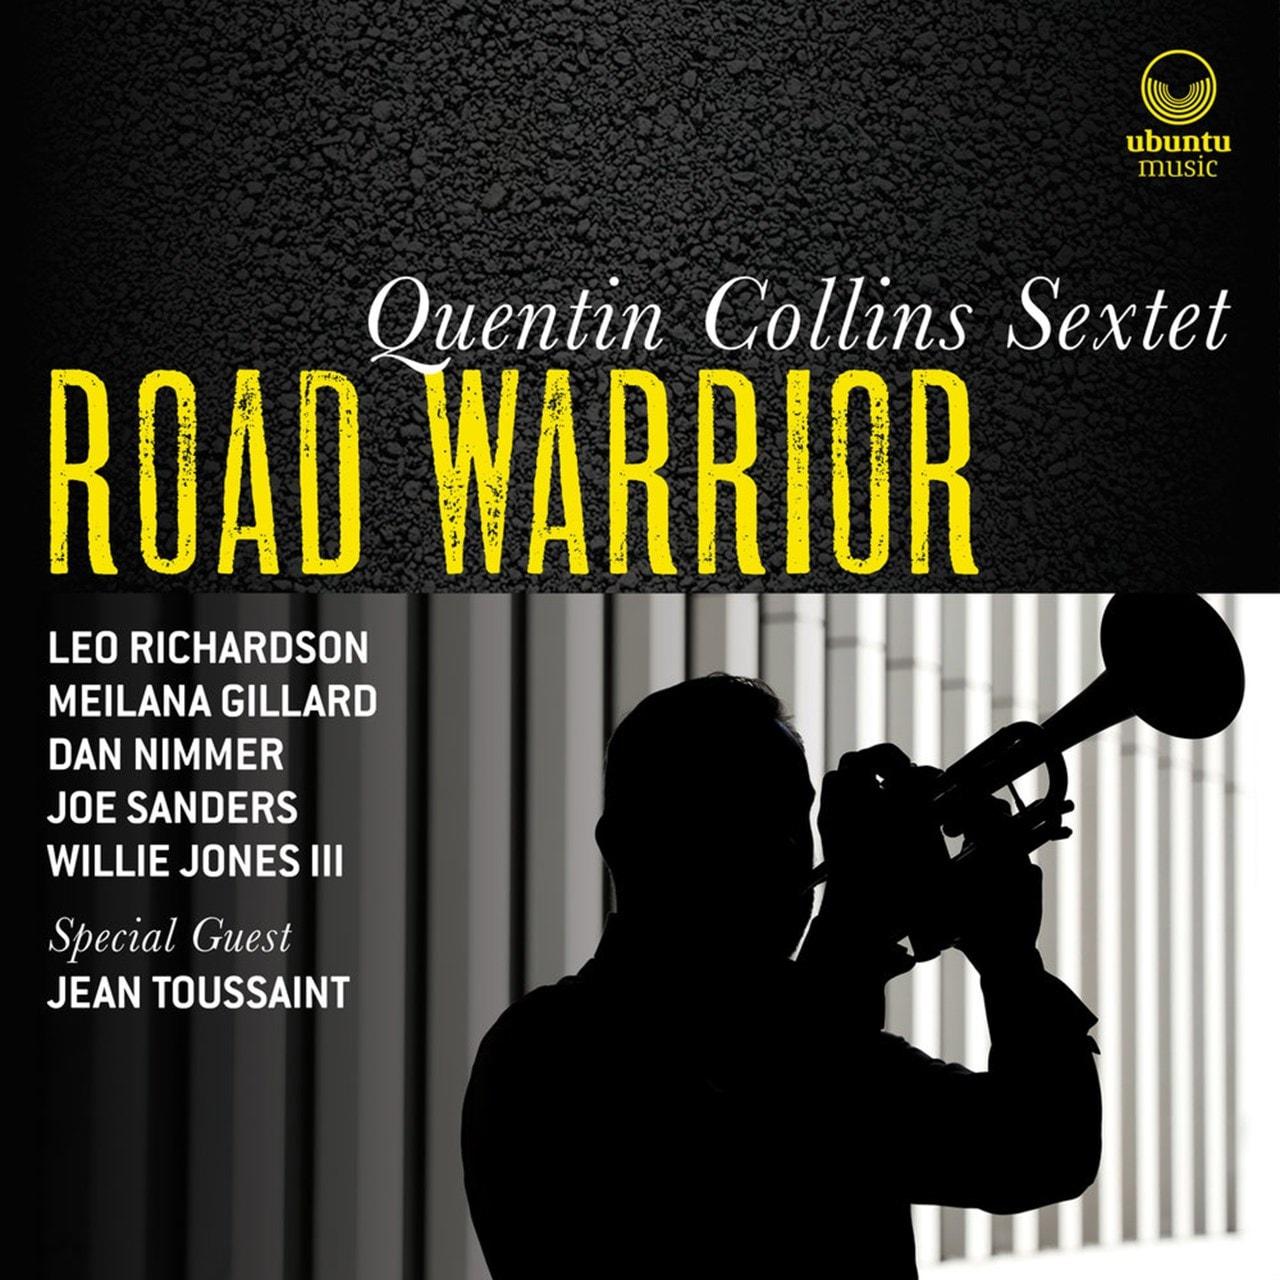 Road Warrior - 1